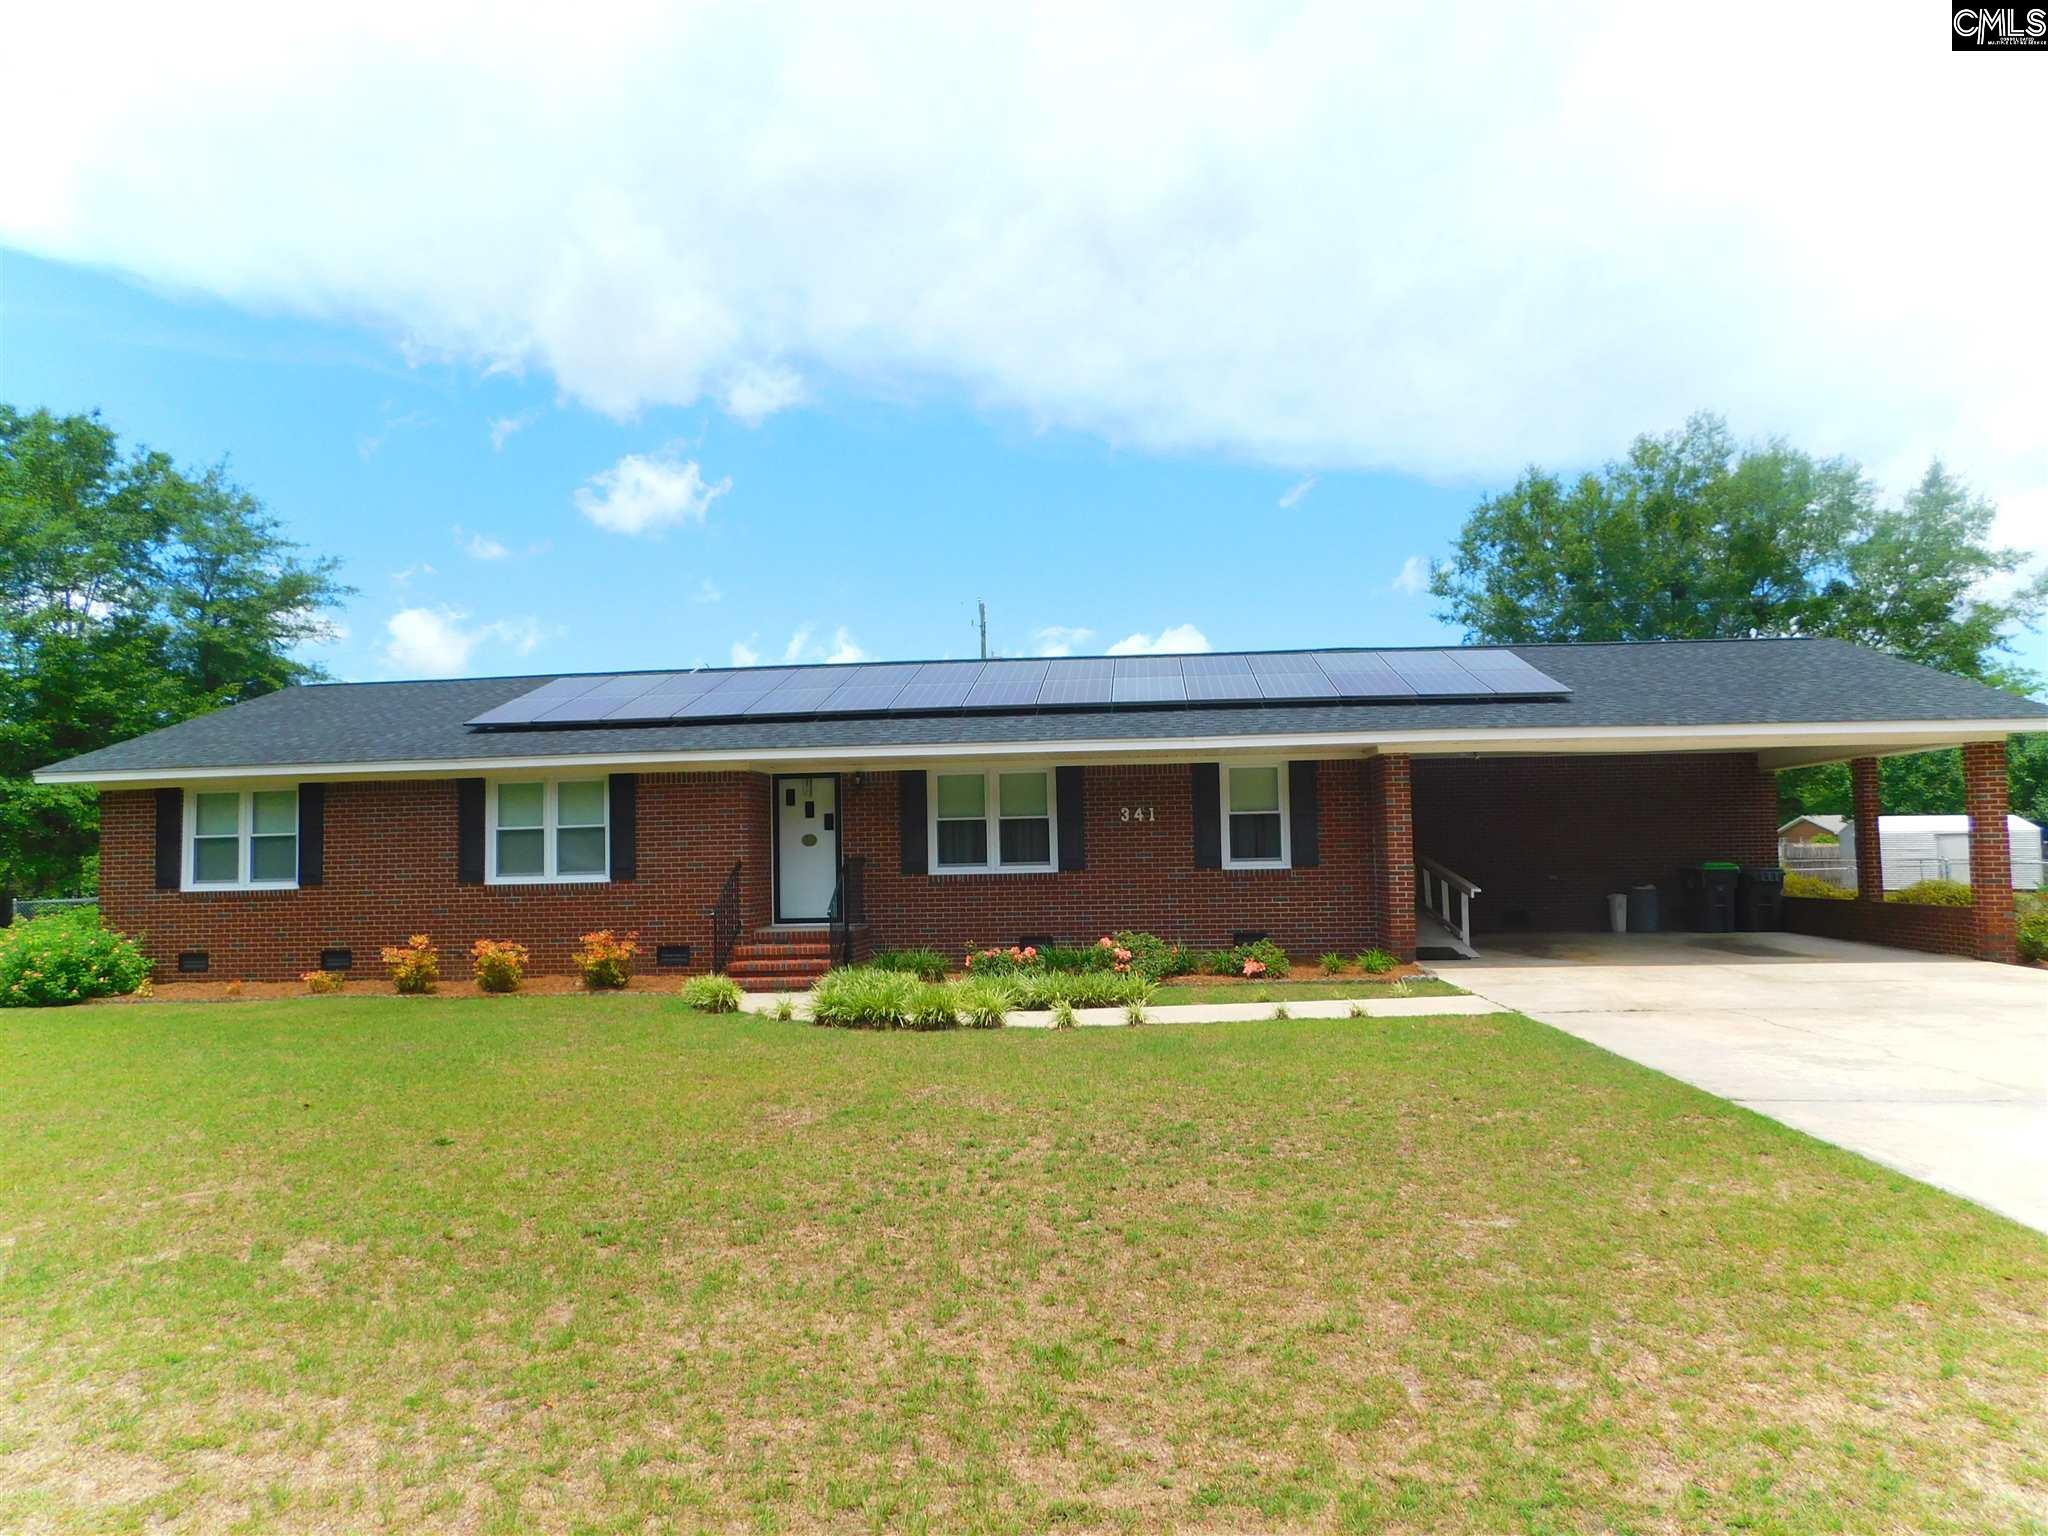 341 Walden Leesville, SC 29070